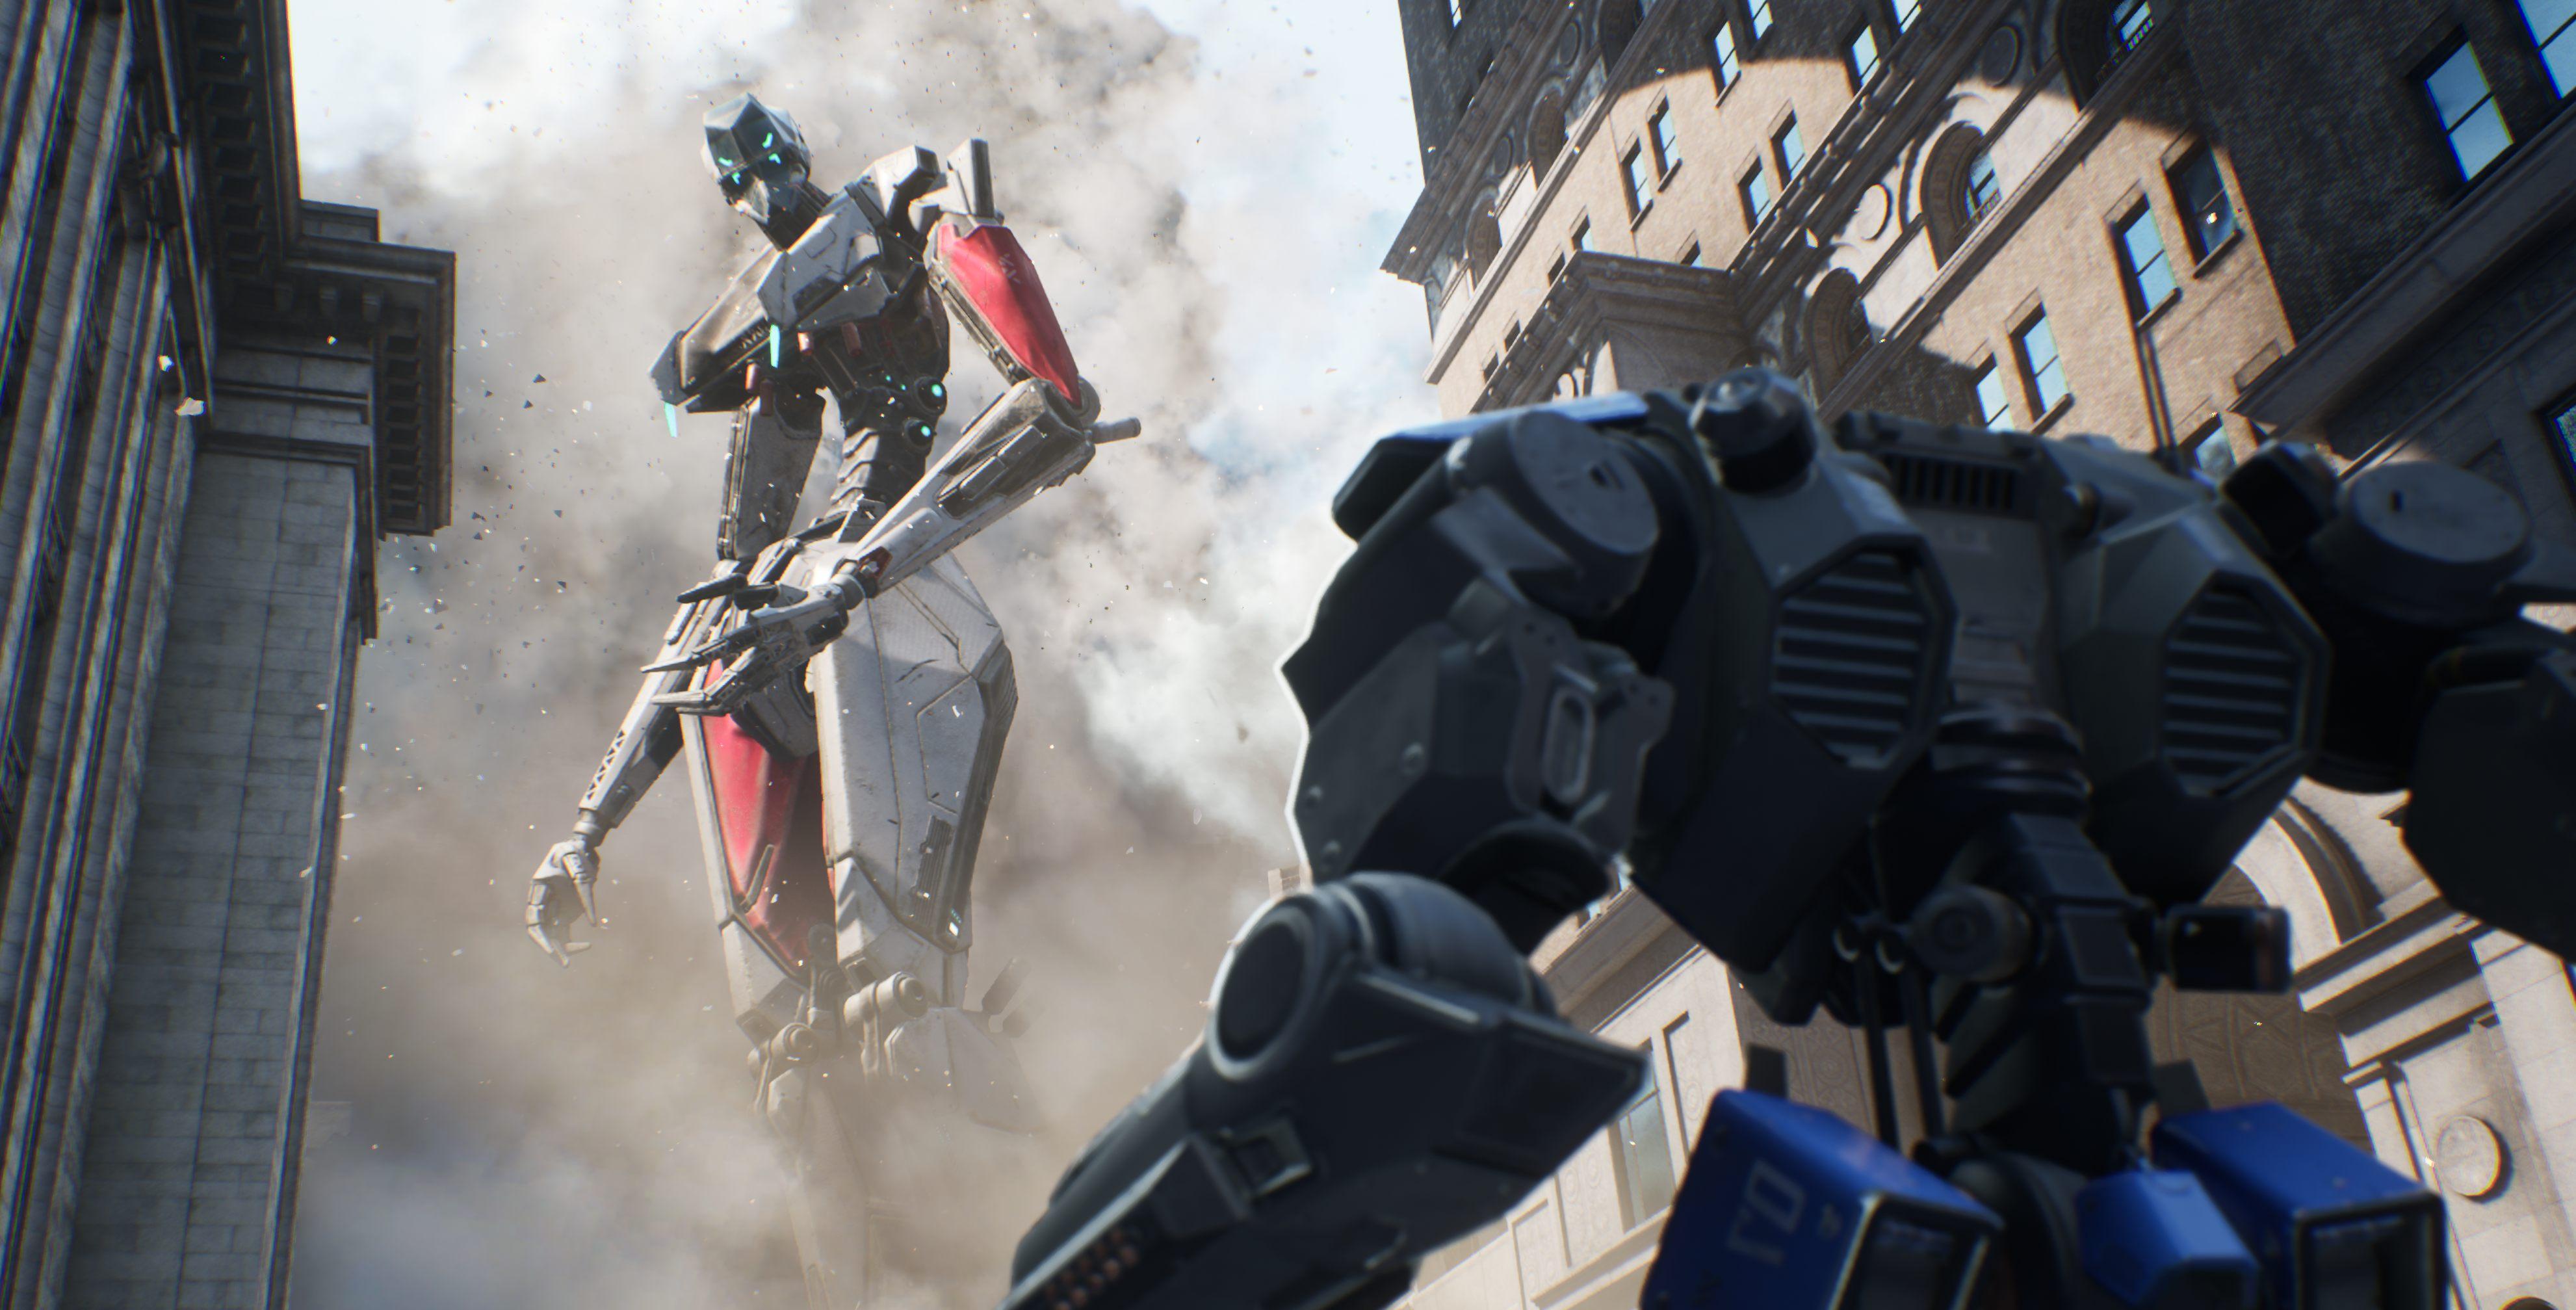 Epic demos Robo Recall Chaos destructible physics gameplay